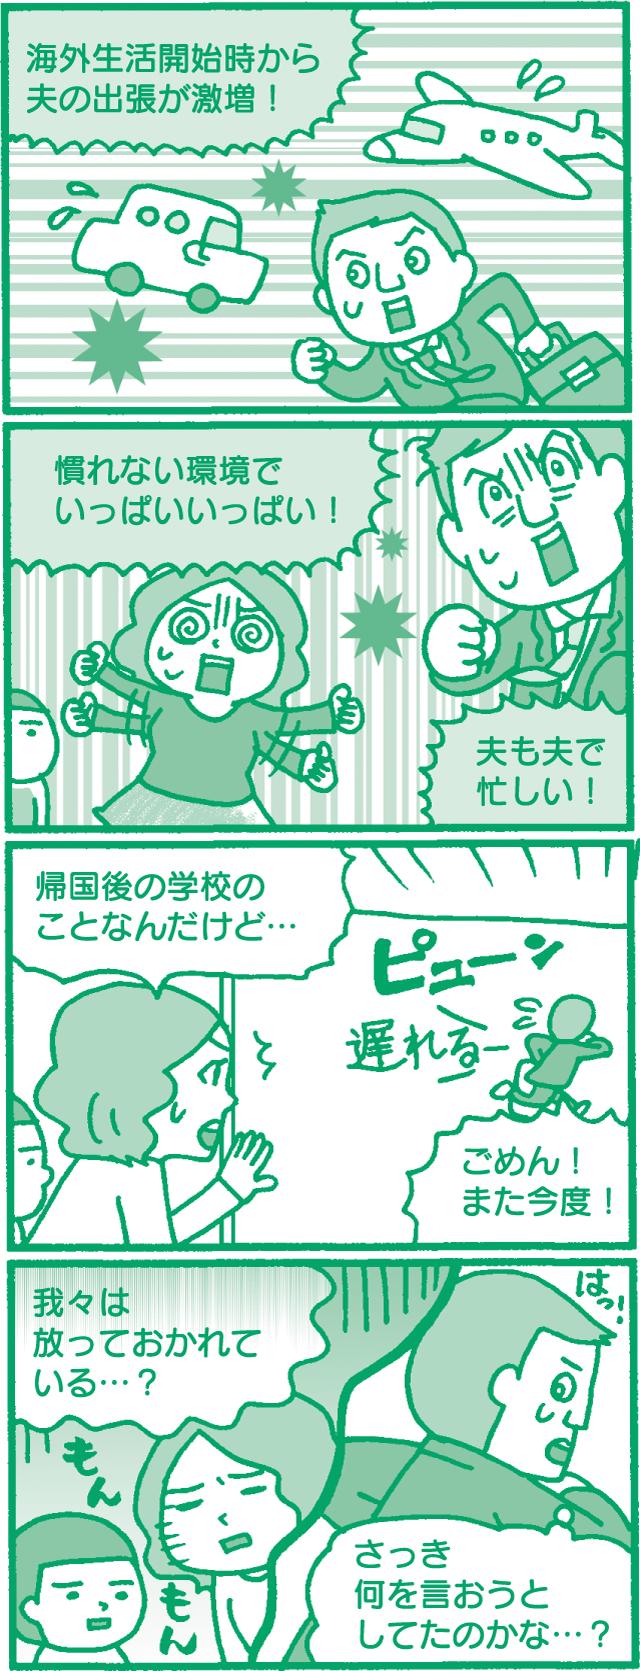 日本にいたときよりも、夫婦関係がギクシャク